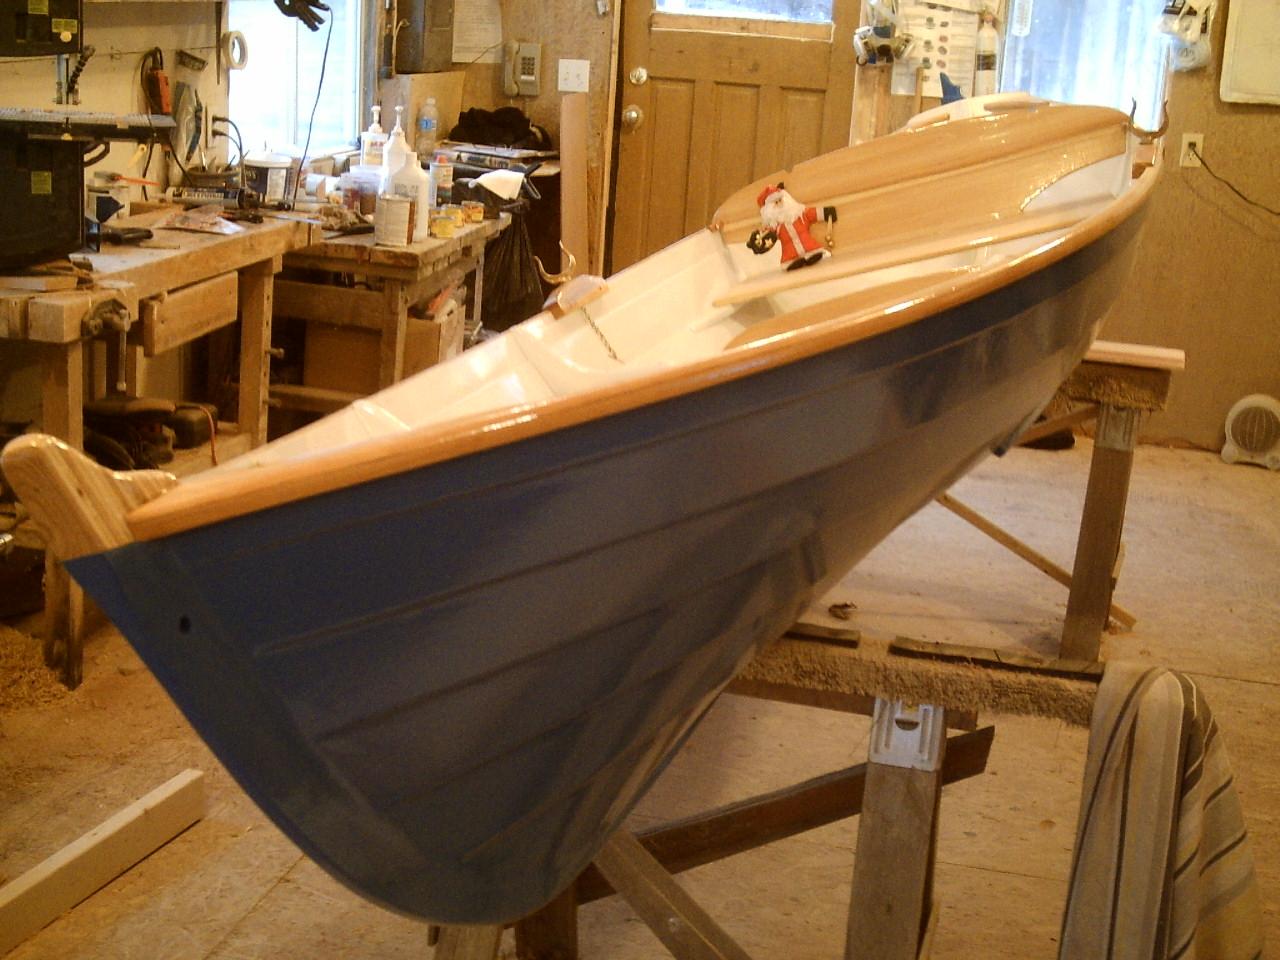 15ft Thames River Skiff - Sleek Wooden Rowboat - Harwood ...